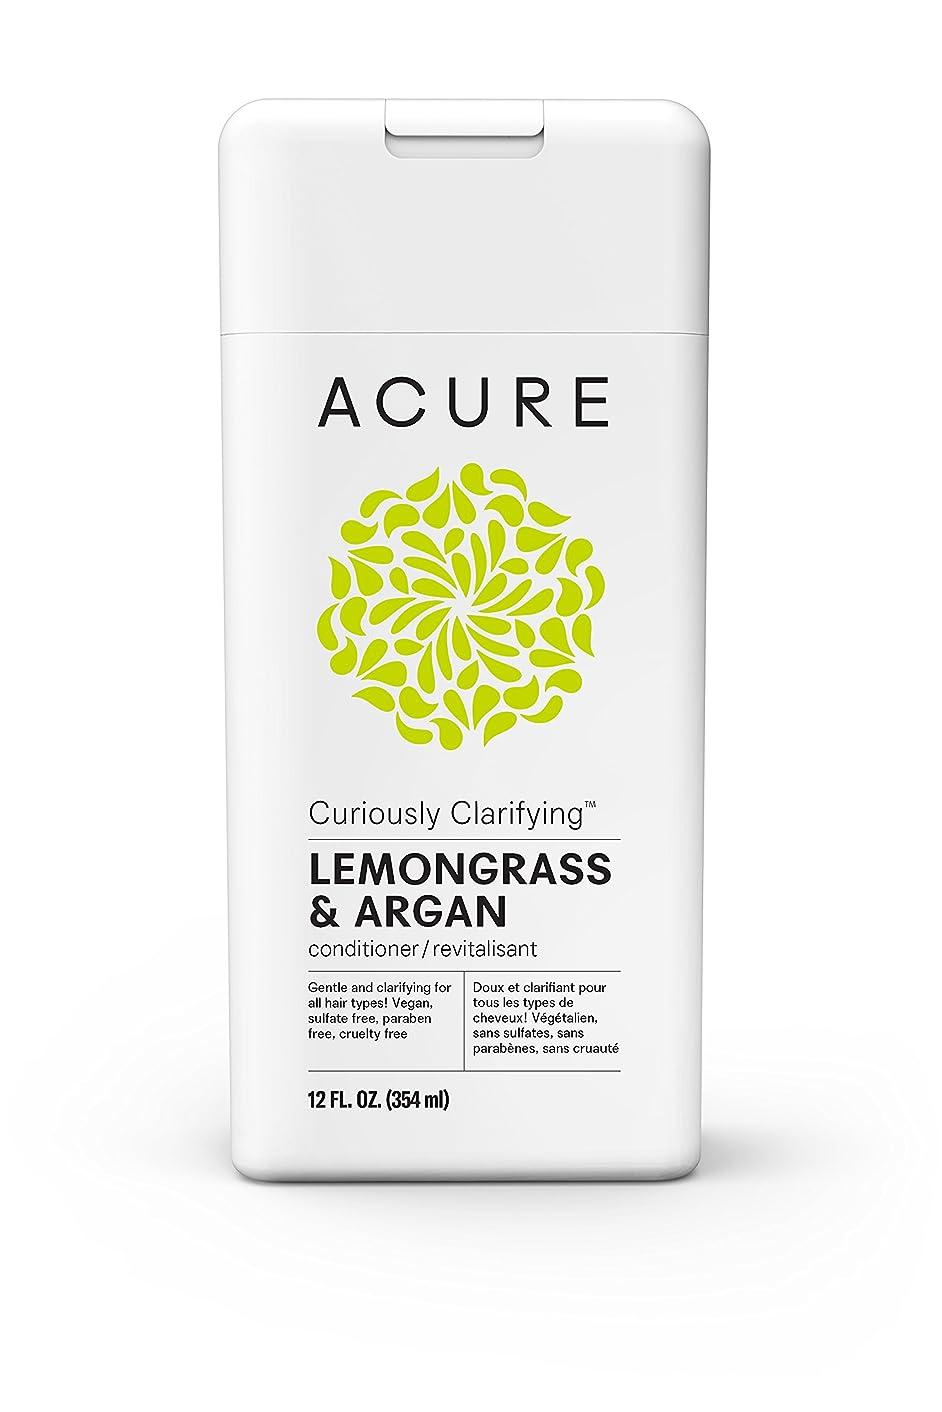 感嘆符安西過半数Acure 不思議なレモングラスコンディショナー、12フロリダを明確化。オズ。 (梱包は異なる場合があります)